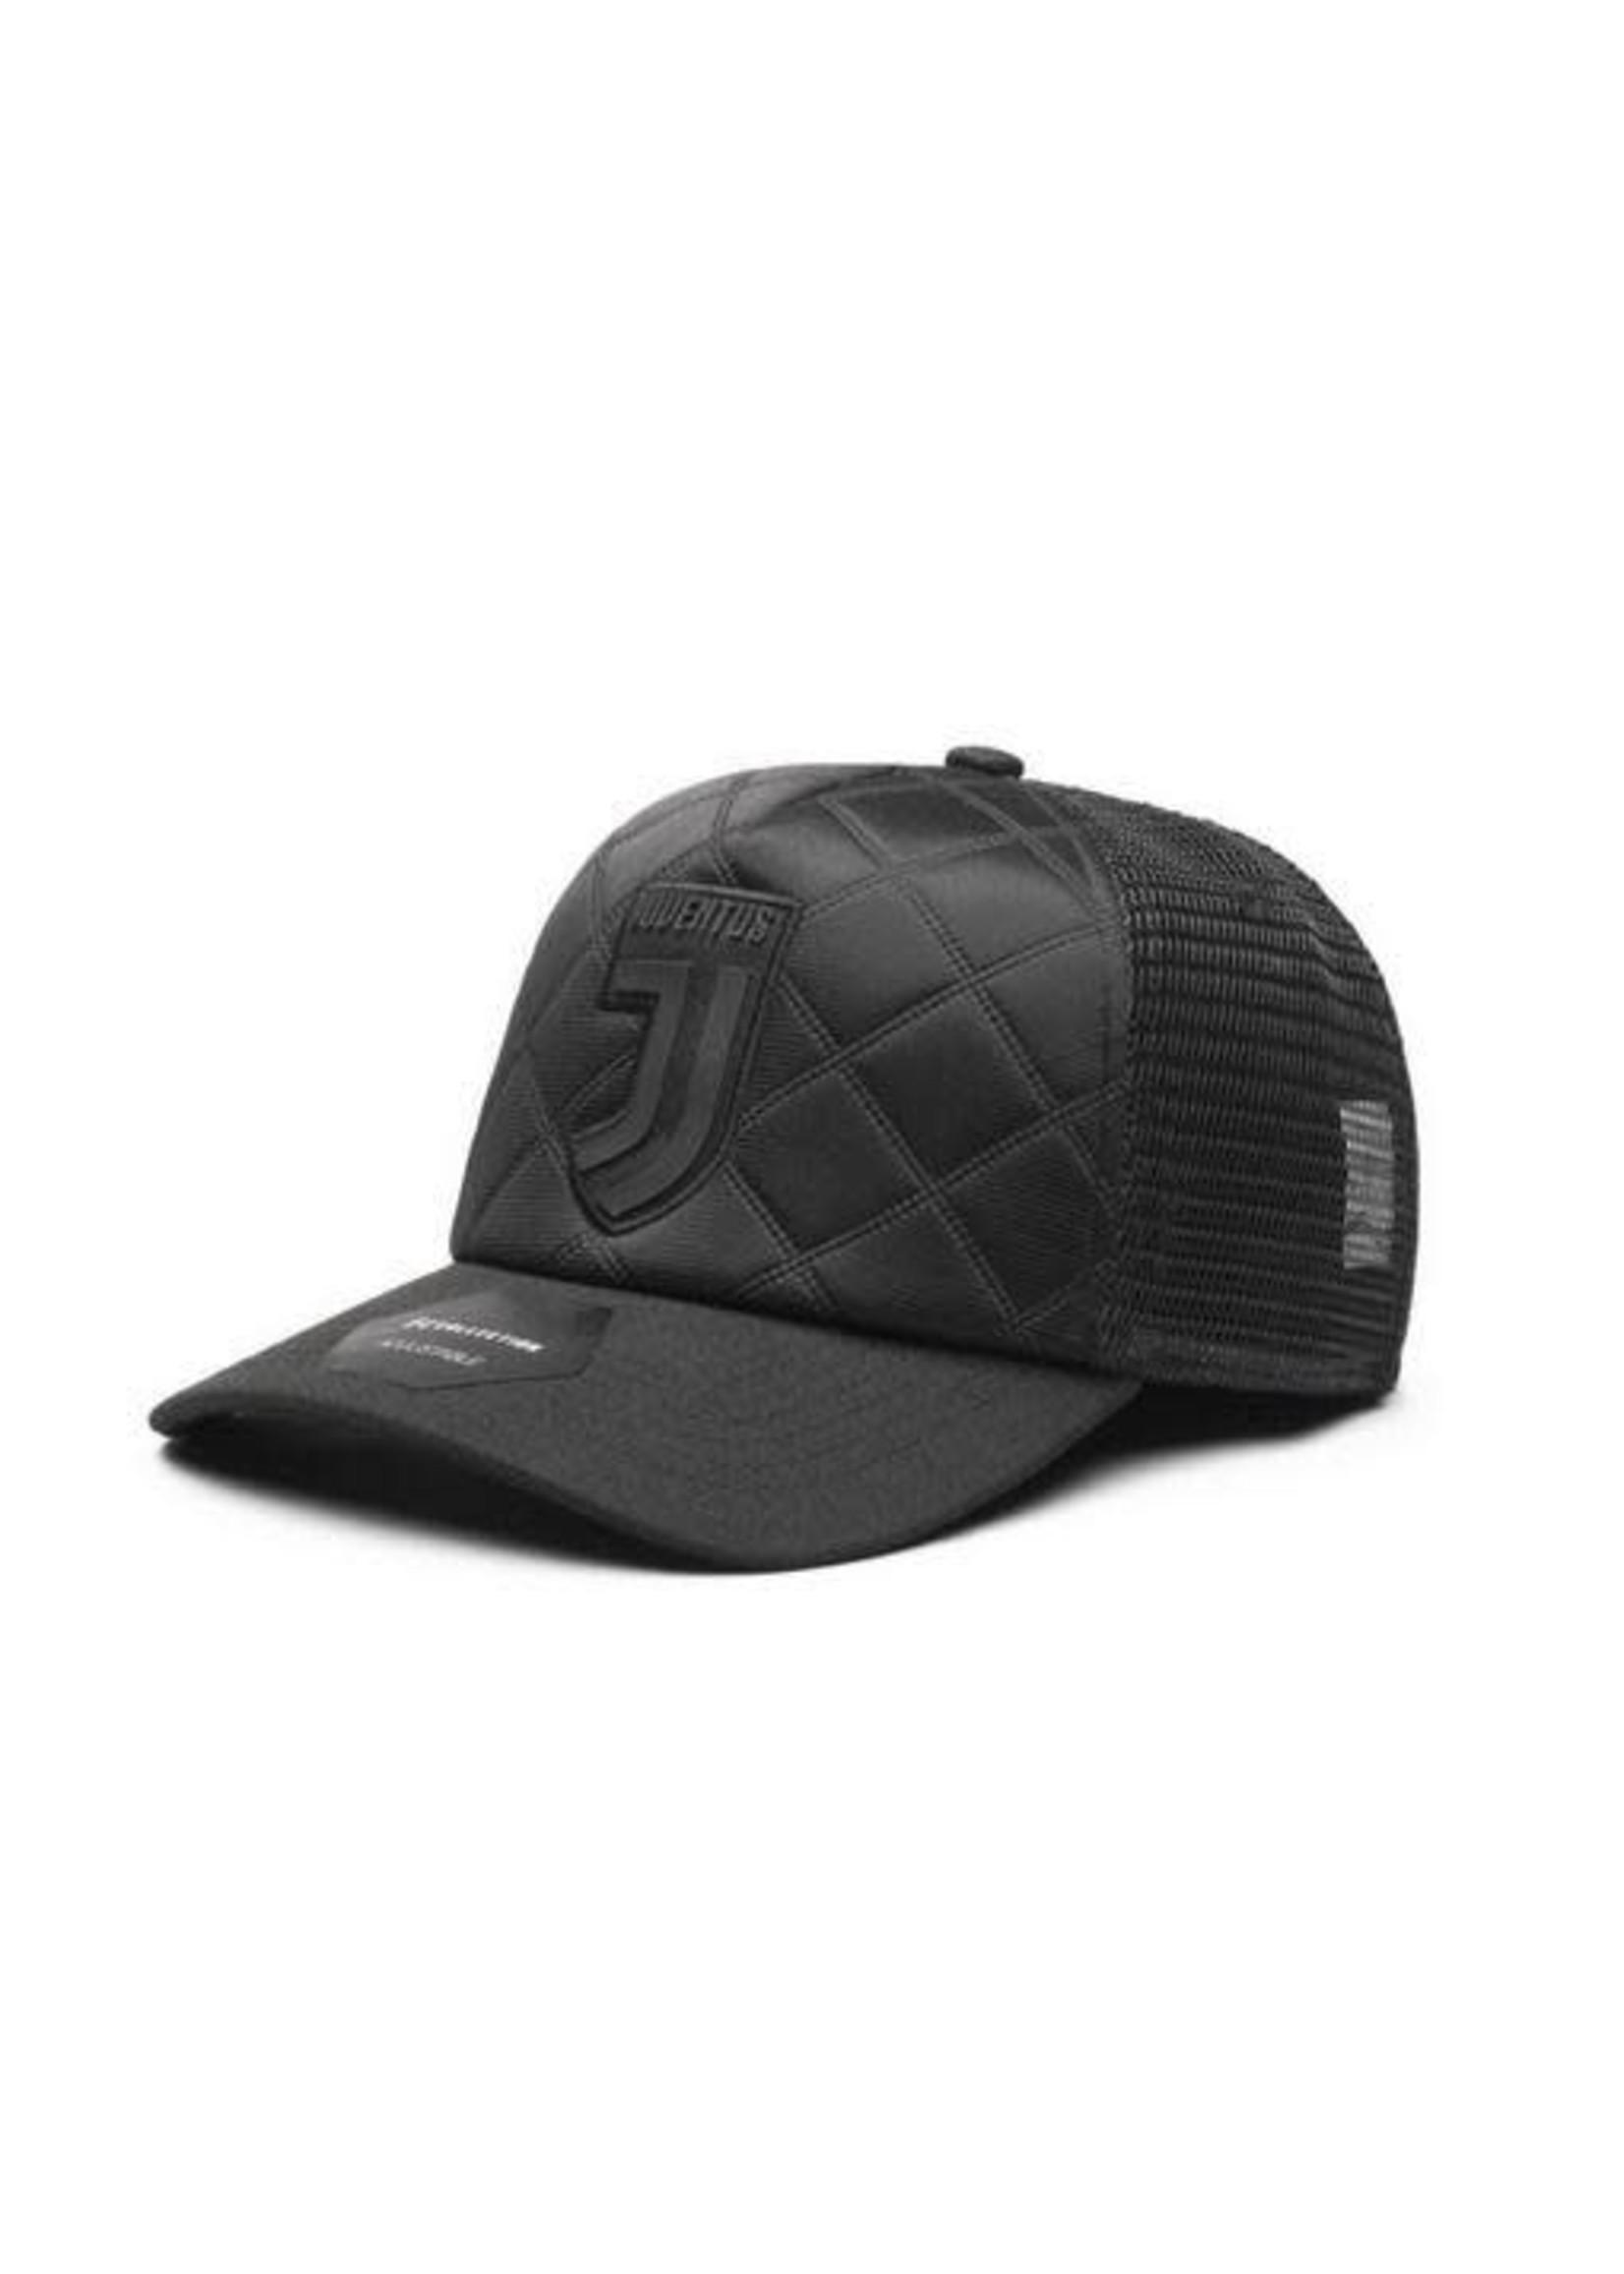 GRAYLINE TRUCKER CAP